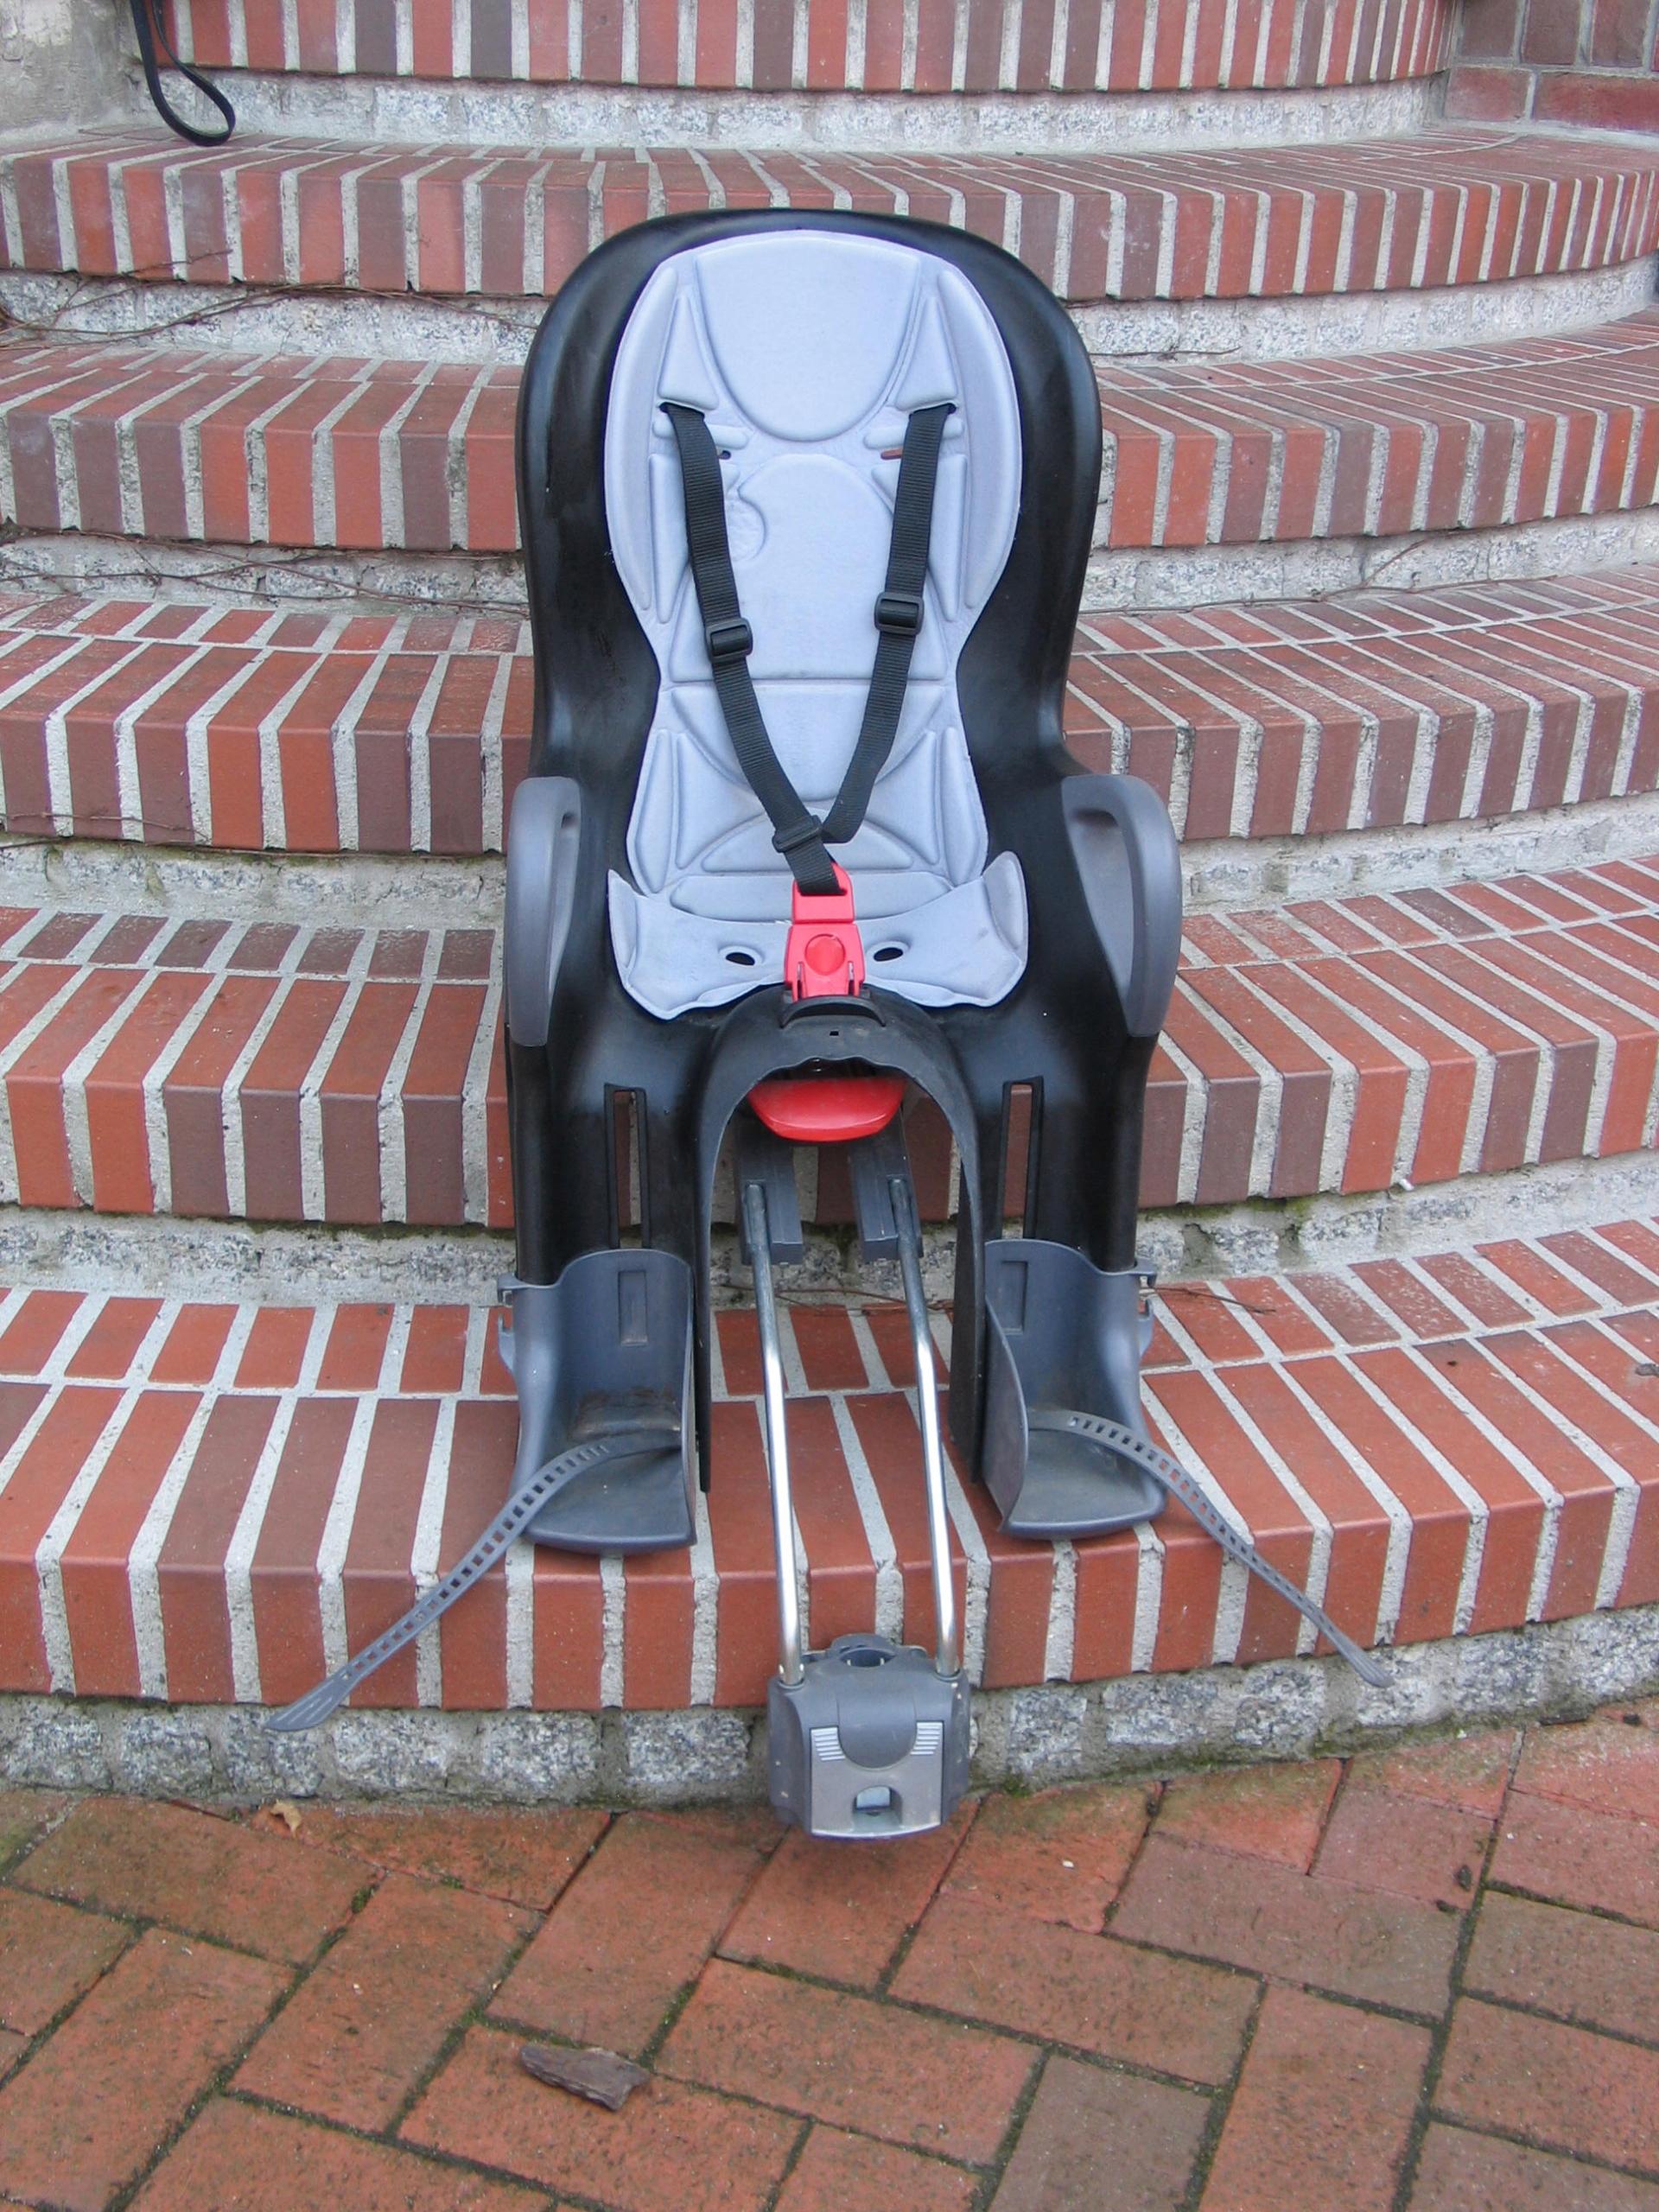 Fotelik rowerowy OKBABY włoski do 22kg do ramy